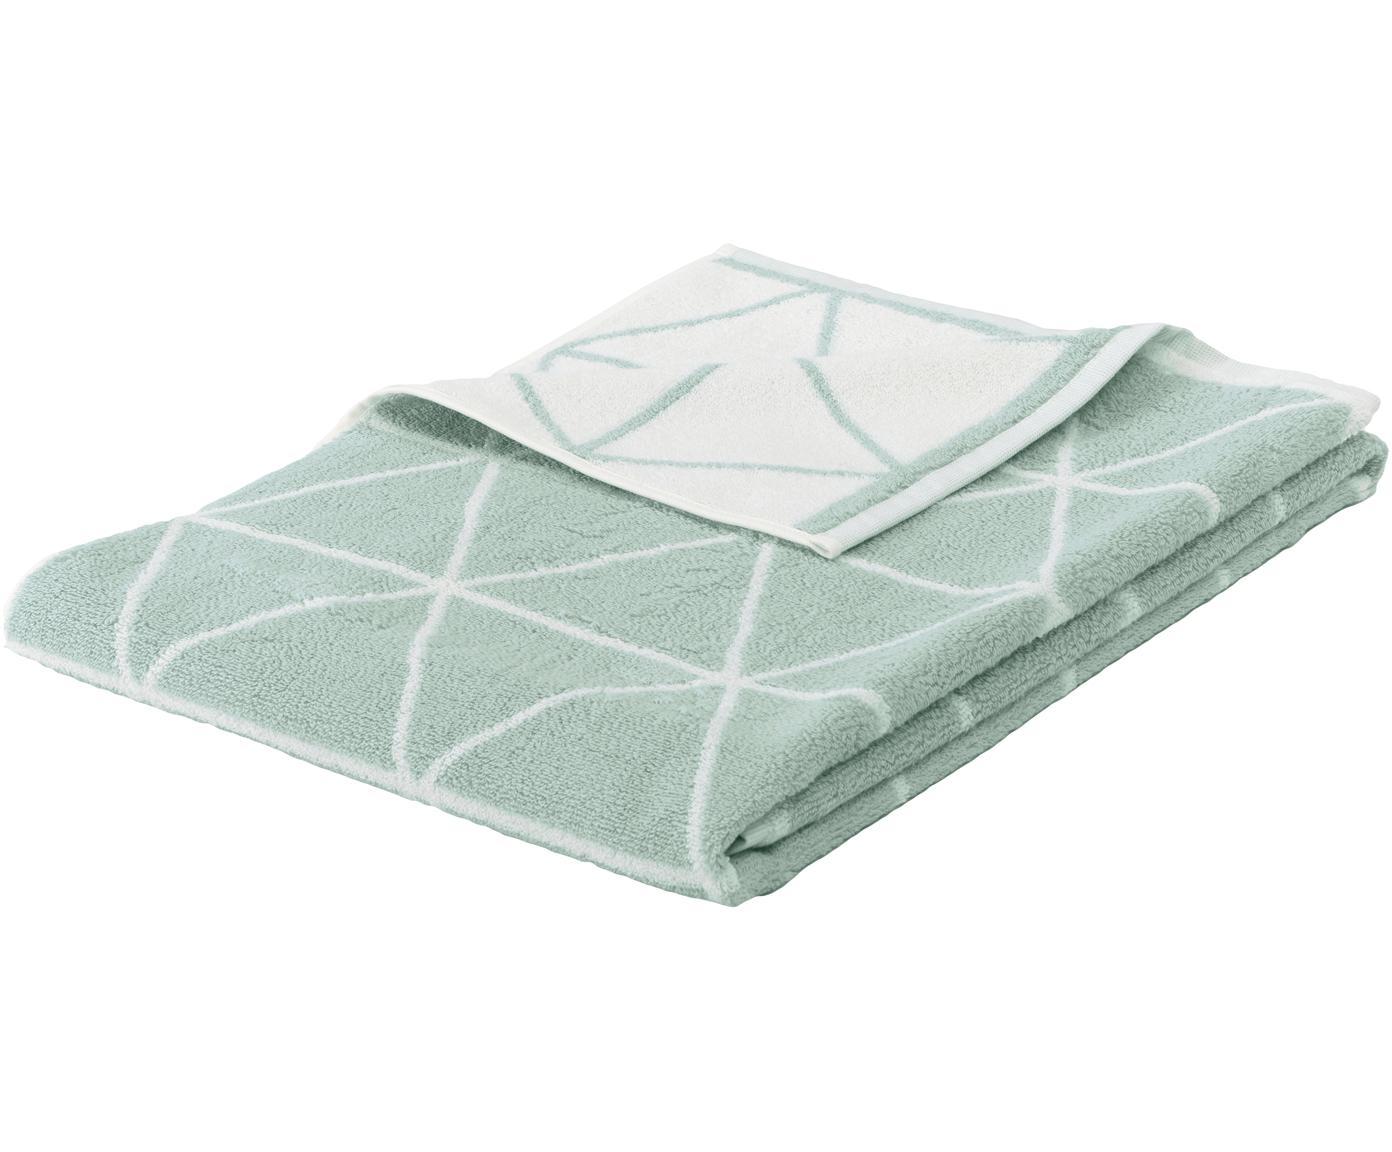 Dwustronny ręcznik Elina, Miętowozielony, kremowobiały, Ręcznik do rąk